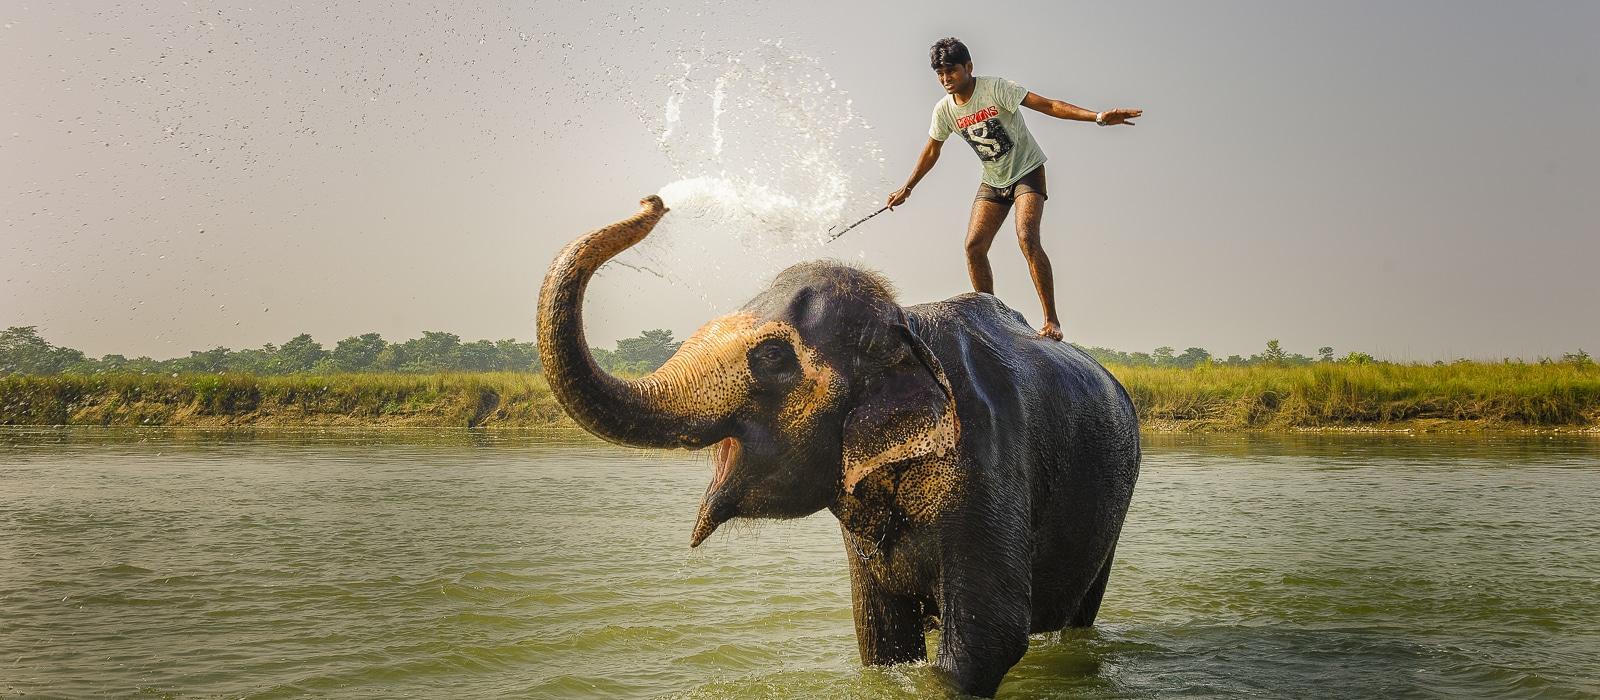 Voyage organisé en petit groupe - Parc Chitwan - Népal - Agence de voyage Les Routes du Monde